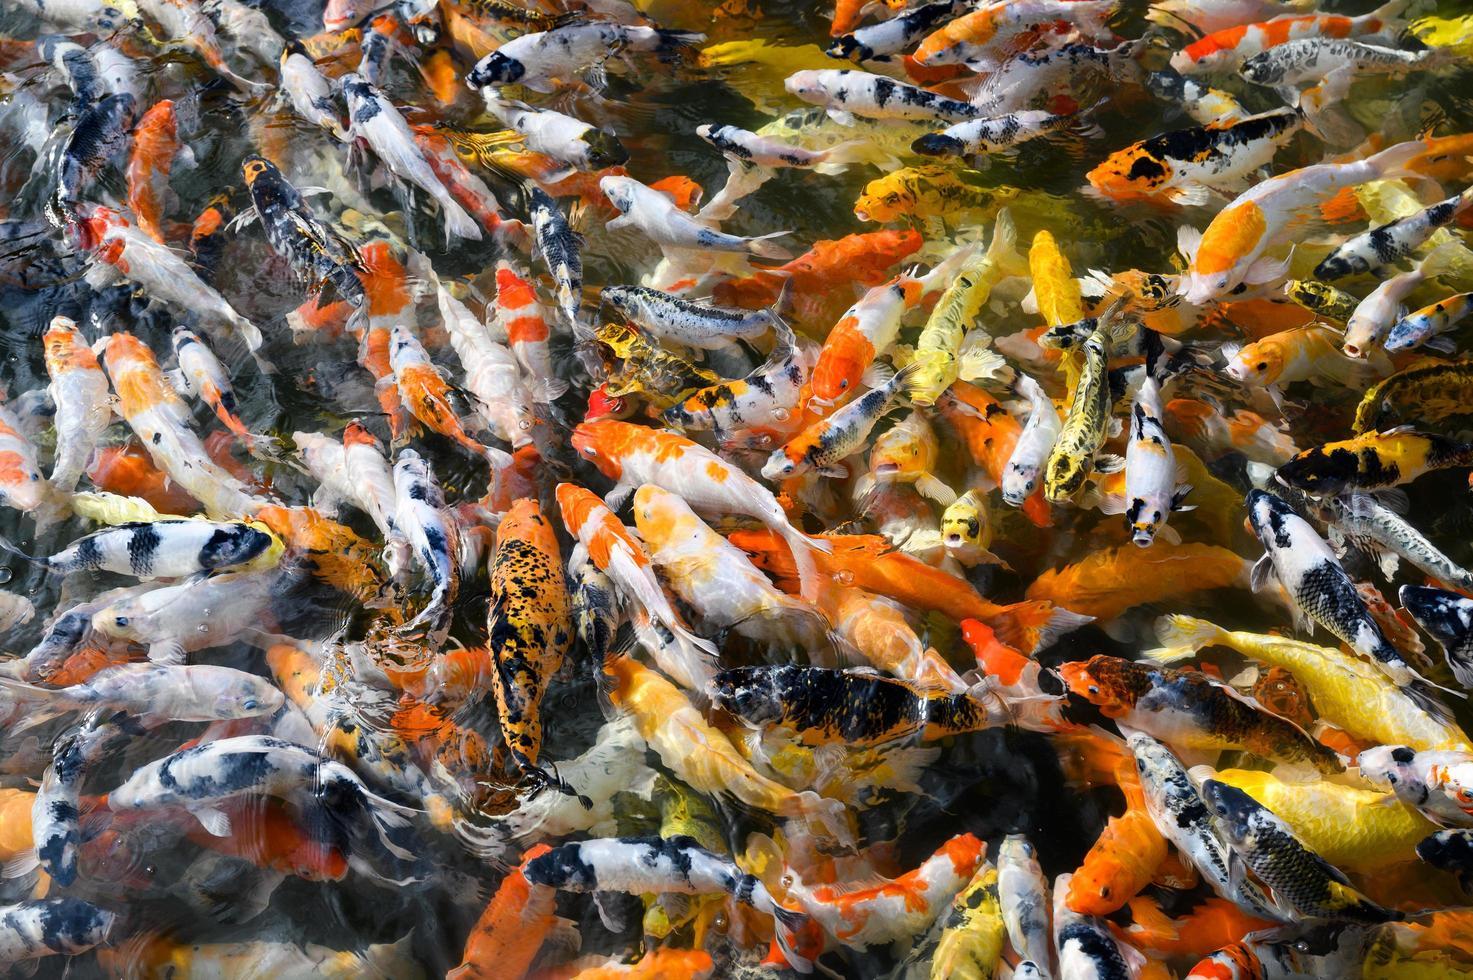 Koi-Fische, die in einem Teich schwimmen foto